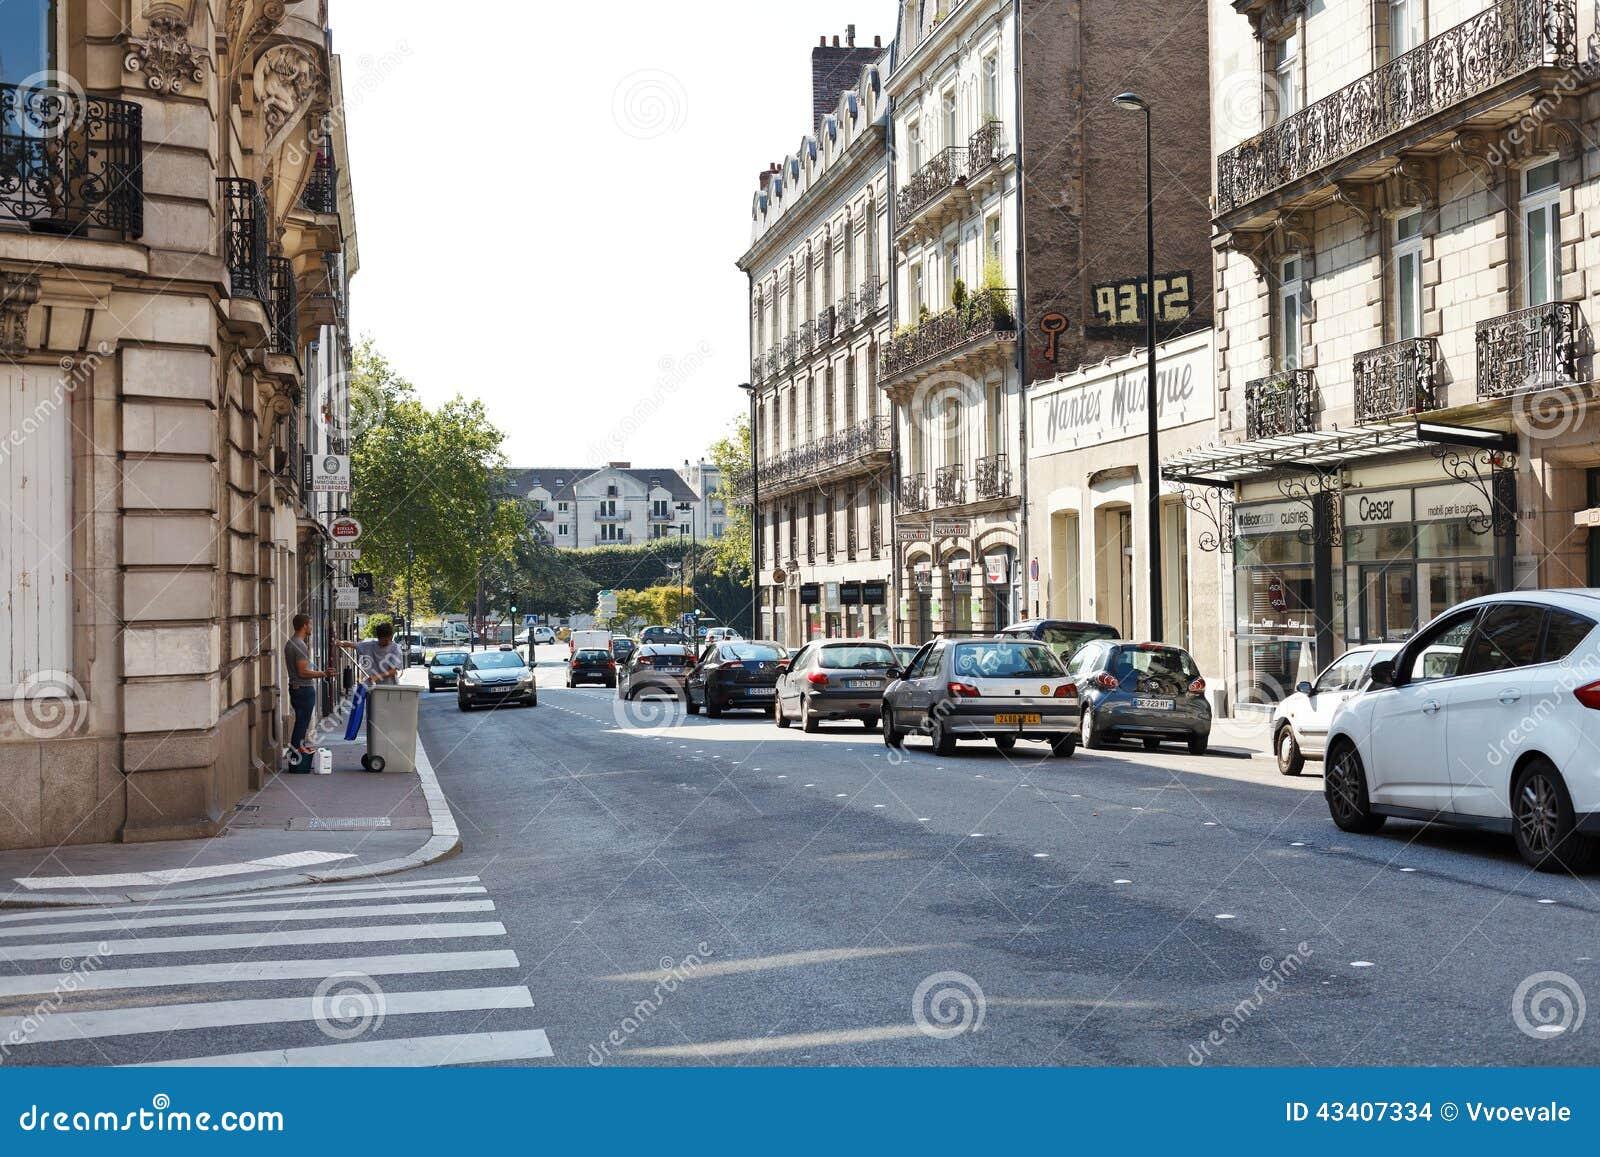 street rue de strasbourg in nantes france editorial stock image image 43407334. Black Bedroom Furniture Sets. Home Design Ideas